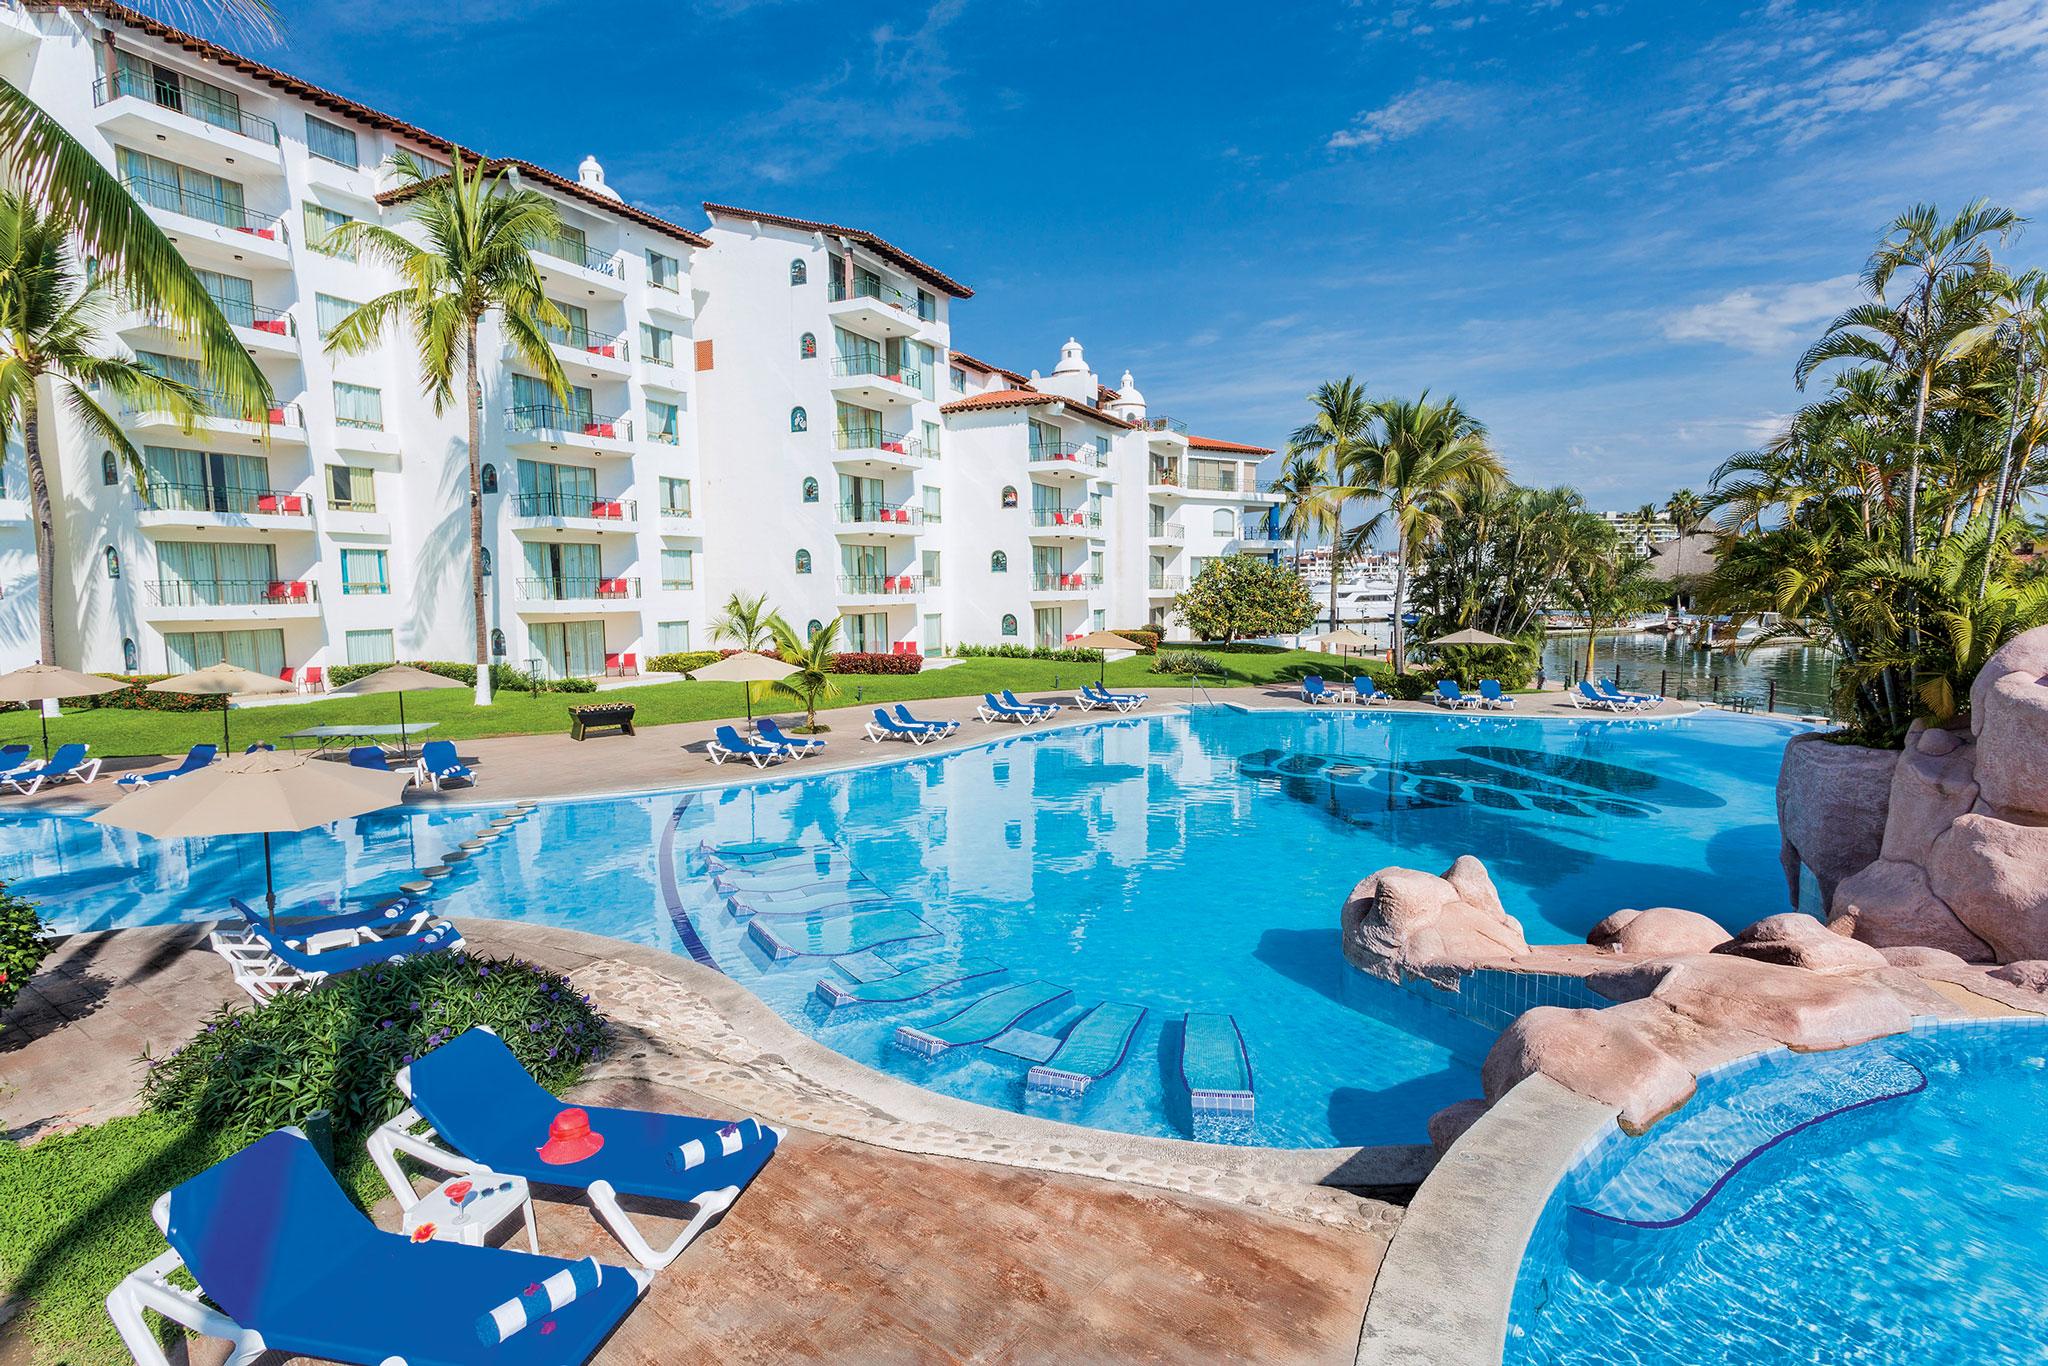 Vamar vallarta marina and beach resort puerto vallarta transat - Hoteles en puerto rico todo incluido ...